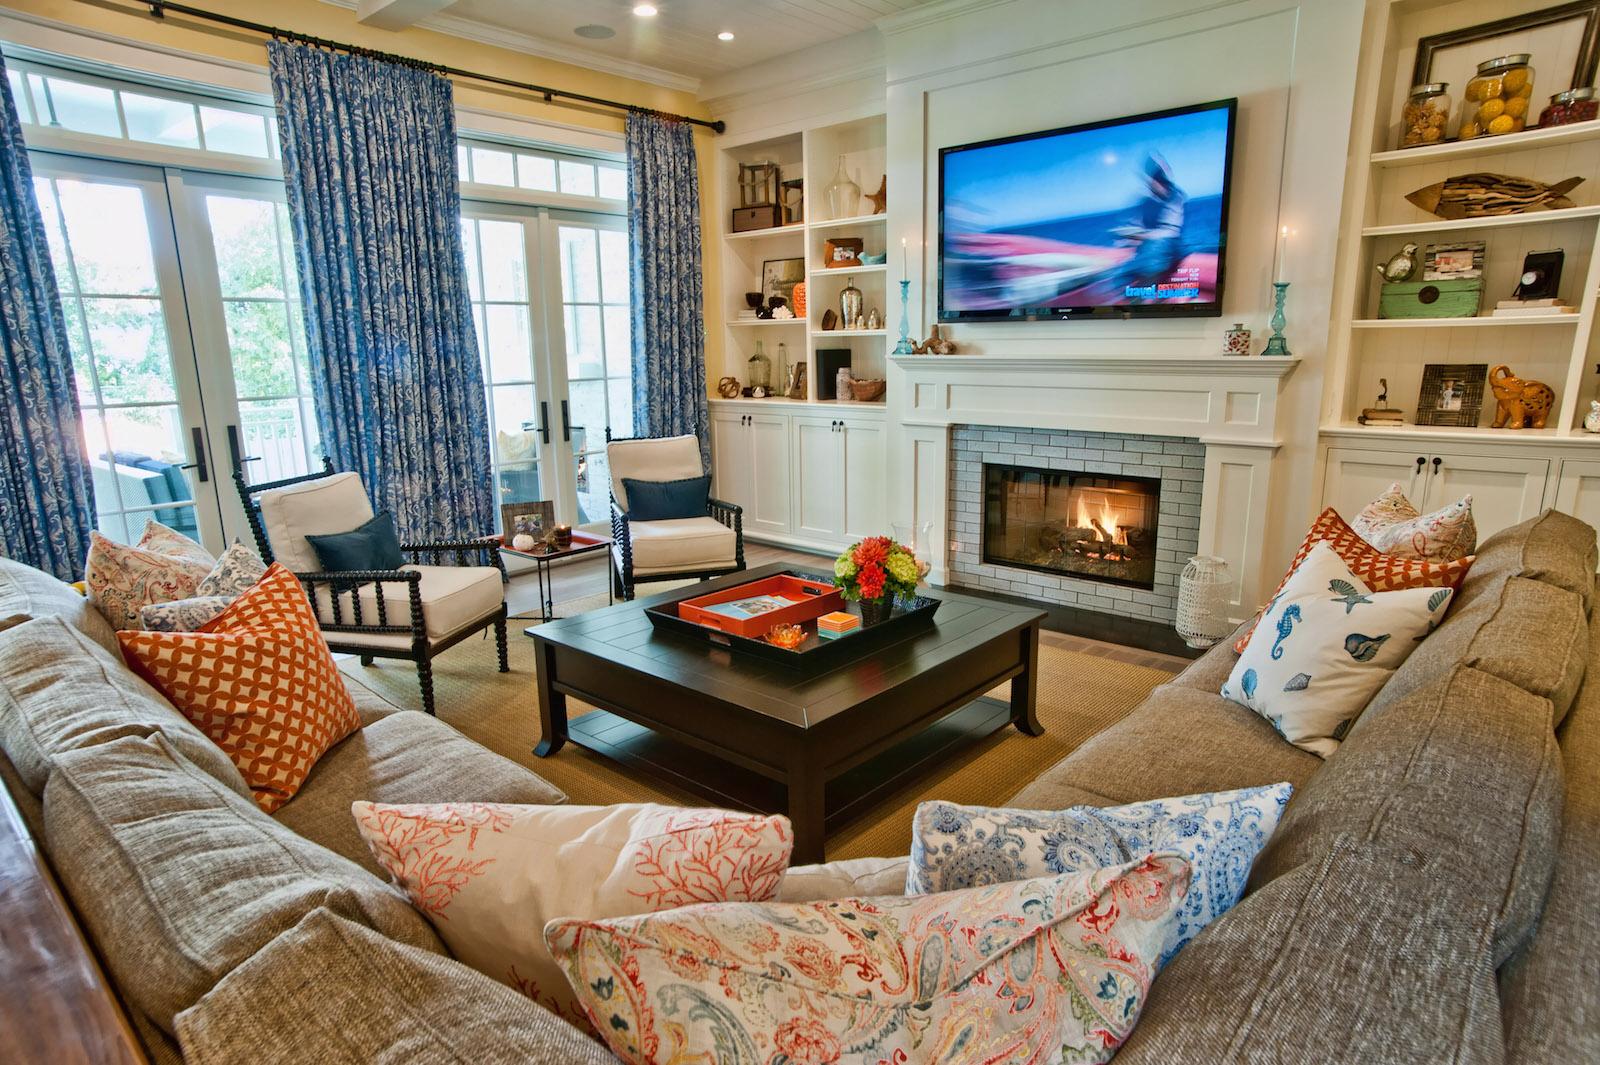 Фото дизайна квартиры с двумя окнами в хрущевке дизайн